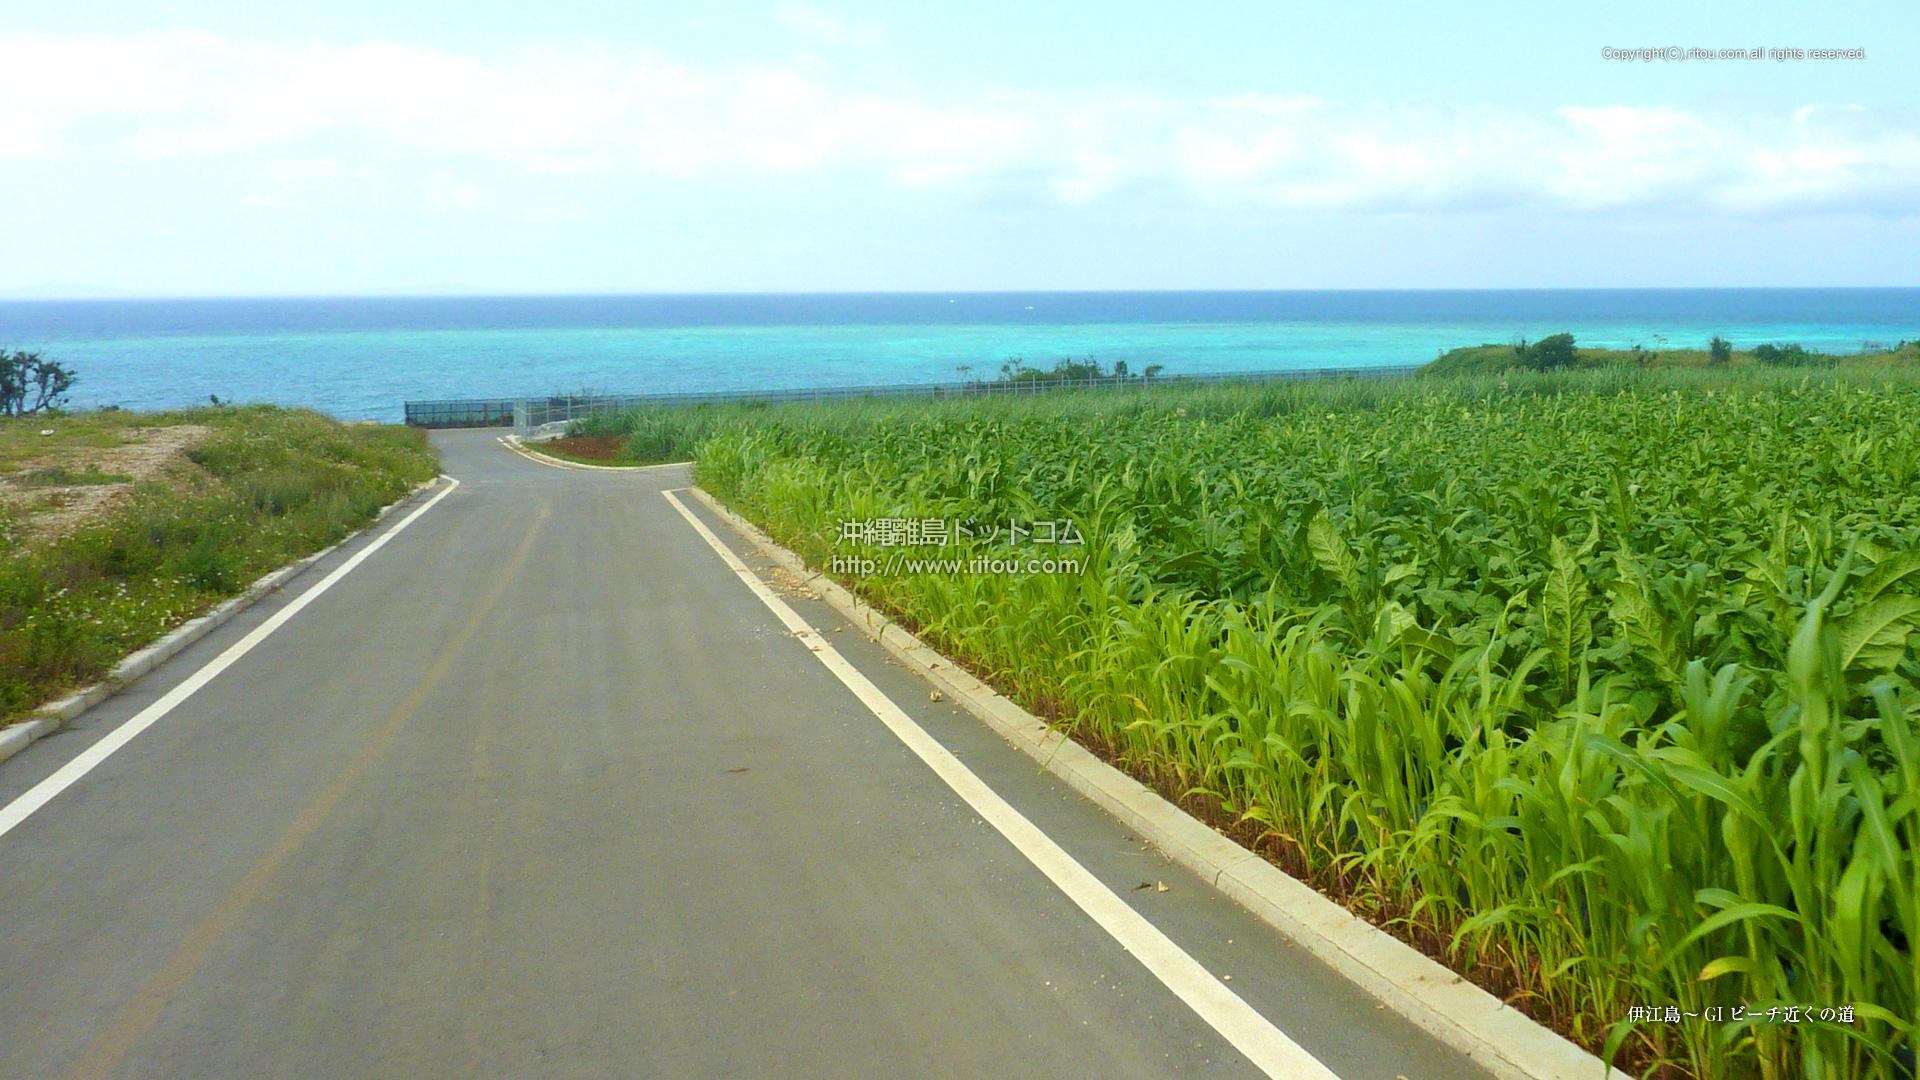 伊江島〜GIビーチ近くの道